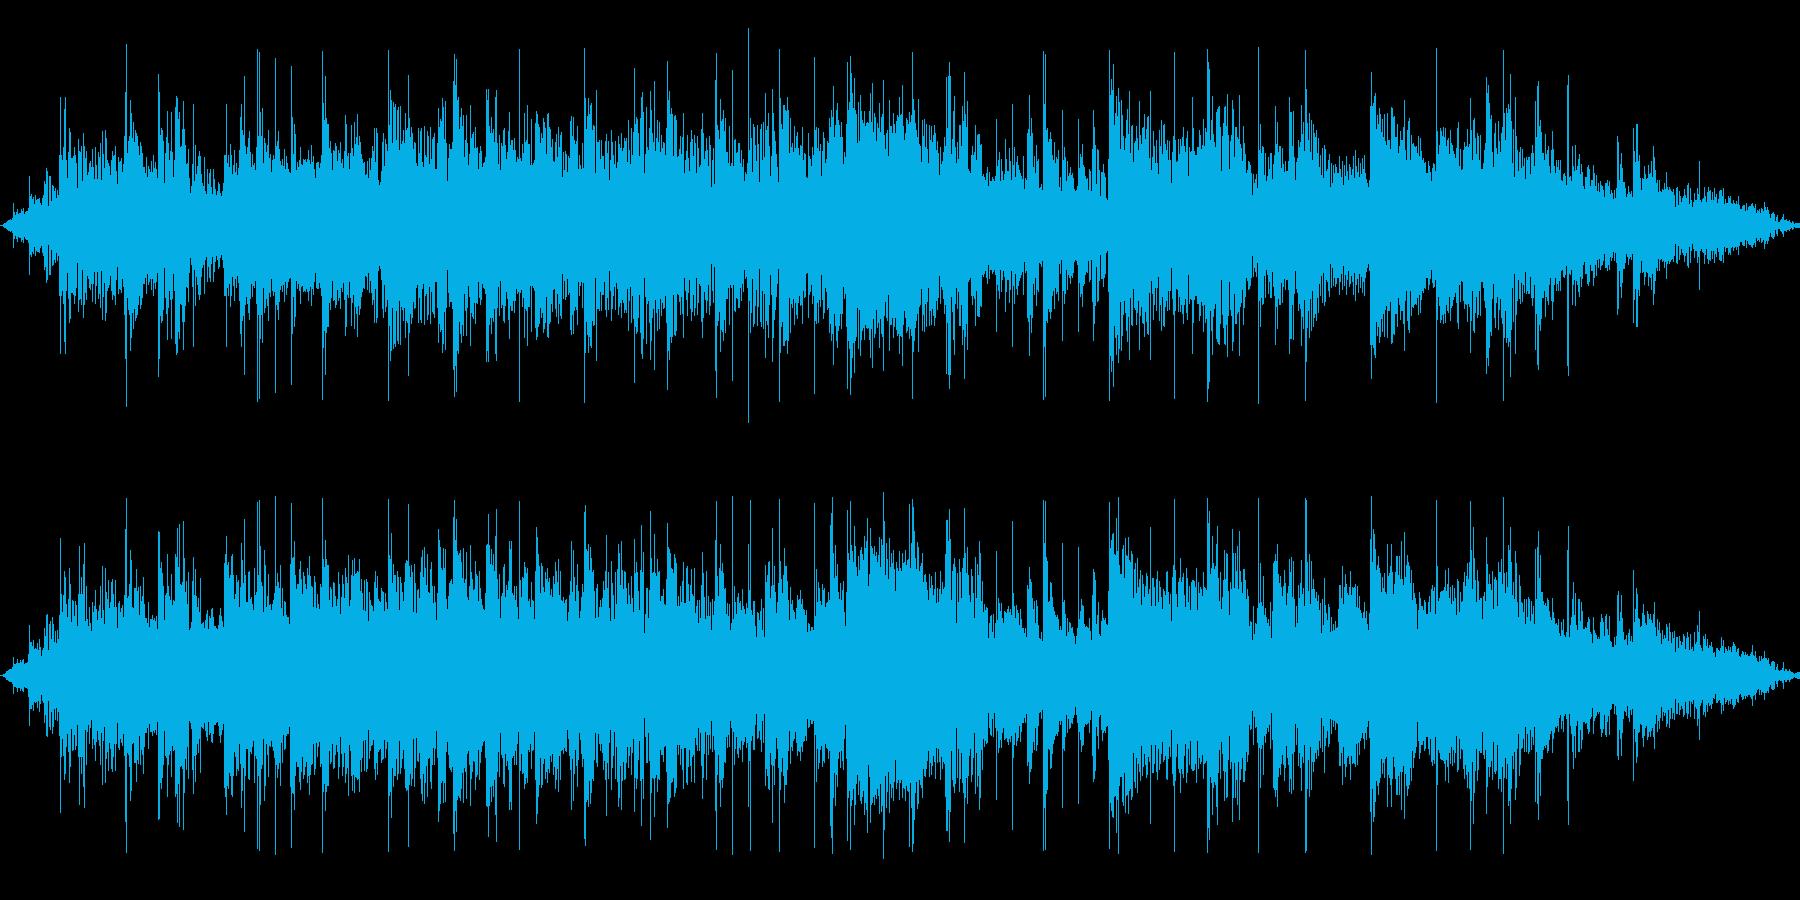 ミステリアスでロックな15秒BGMの再生済みの波形